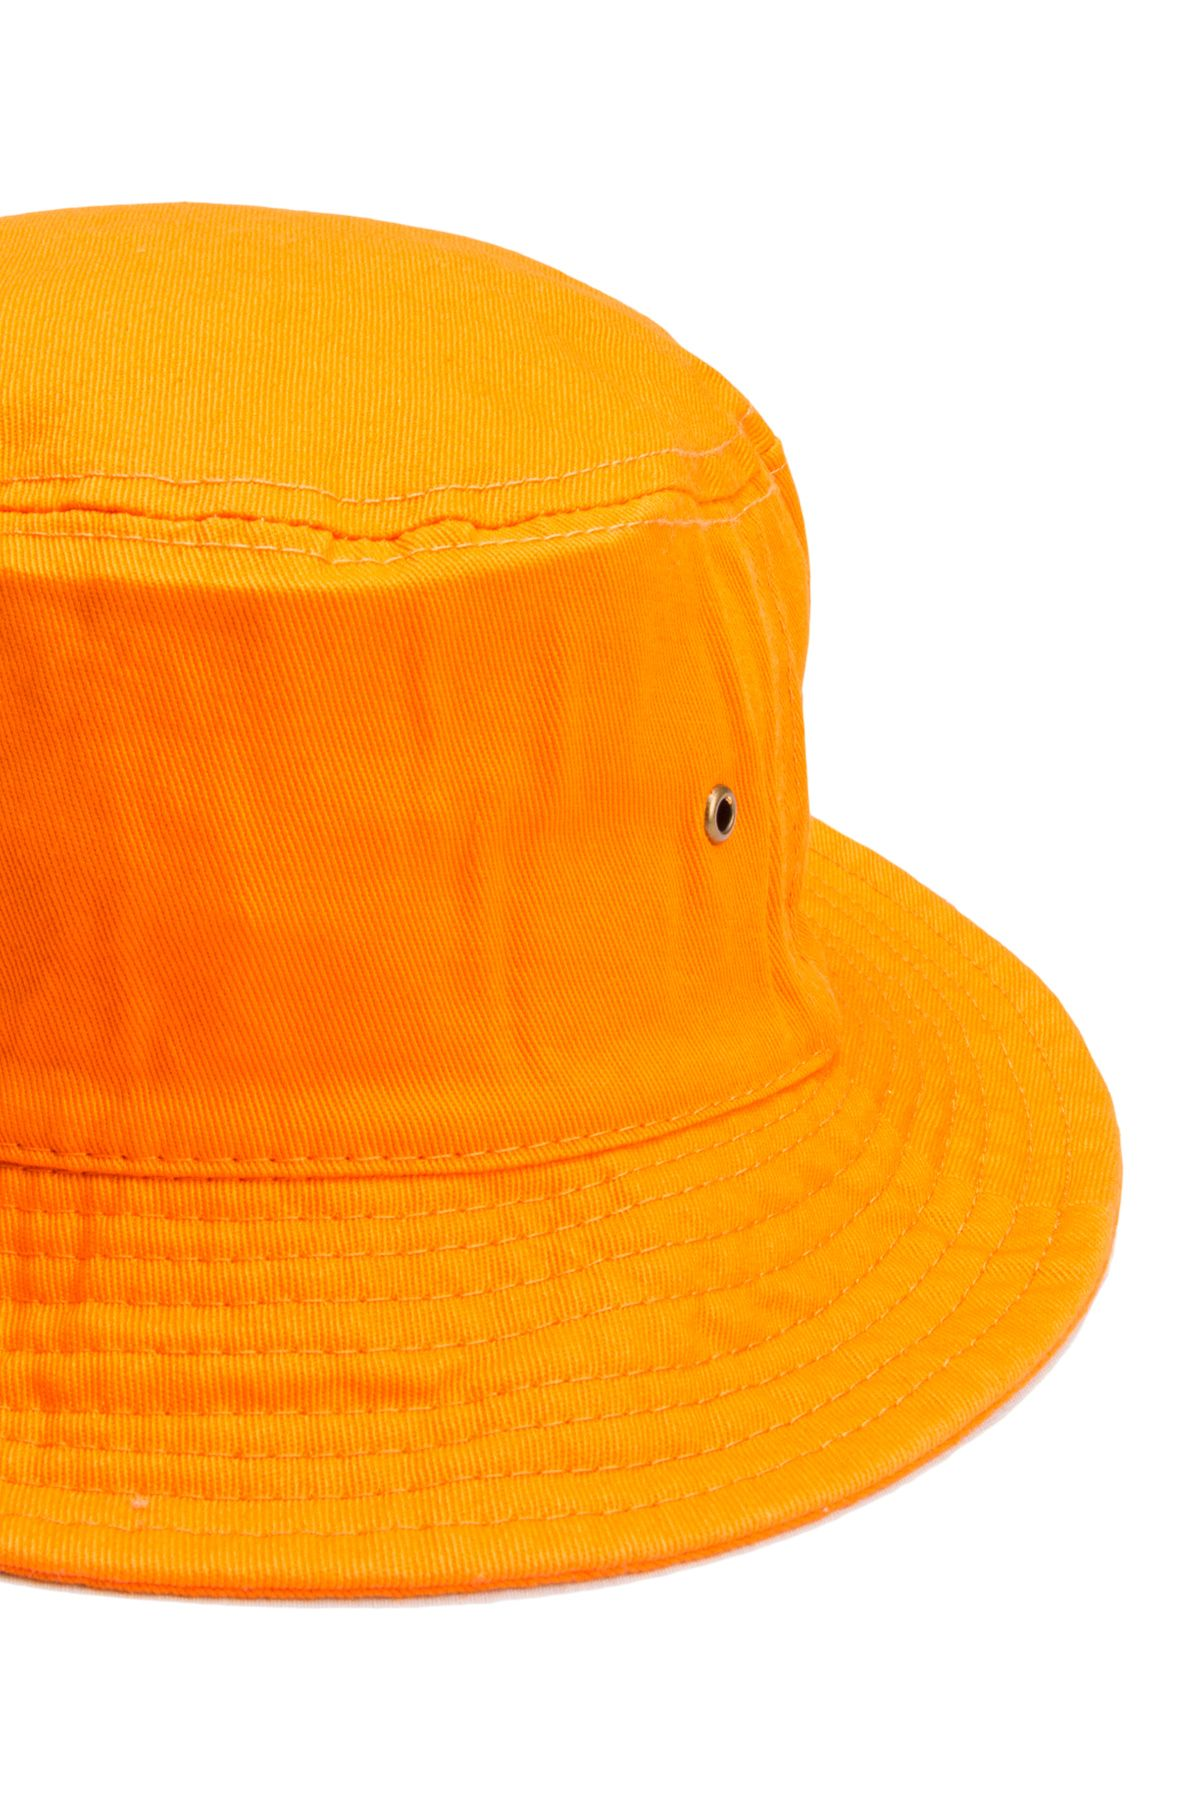 43800eca3b77e9 Orange Bucket Hat in 2019   bucket hat   Pinterest